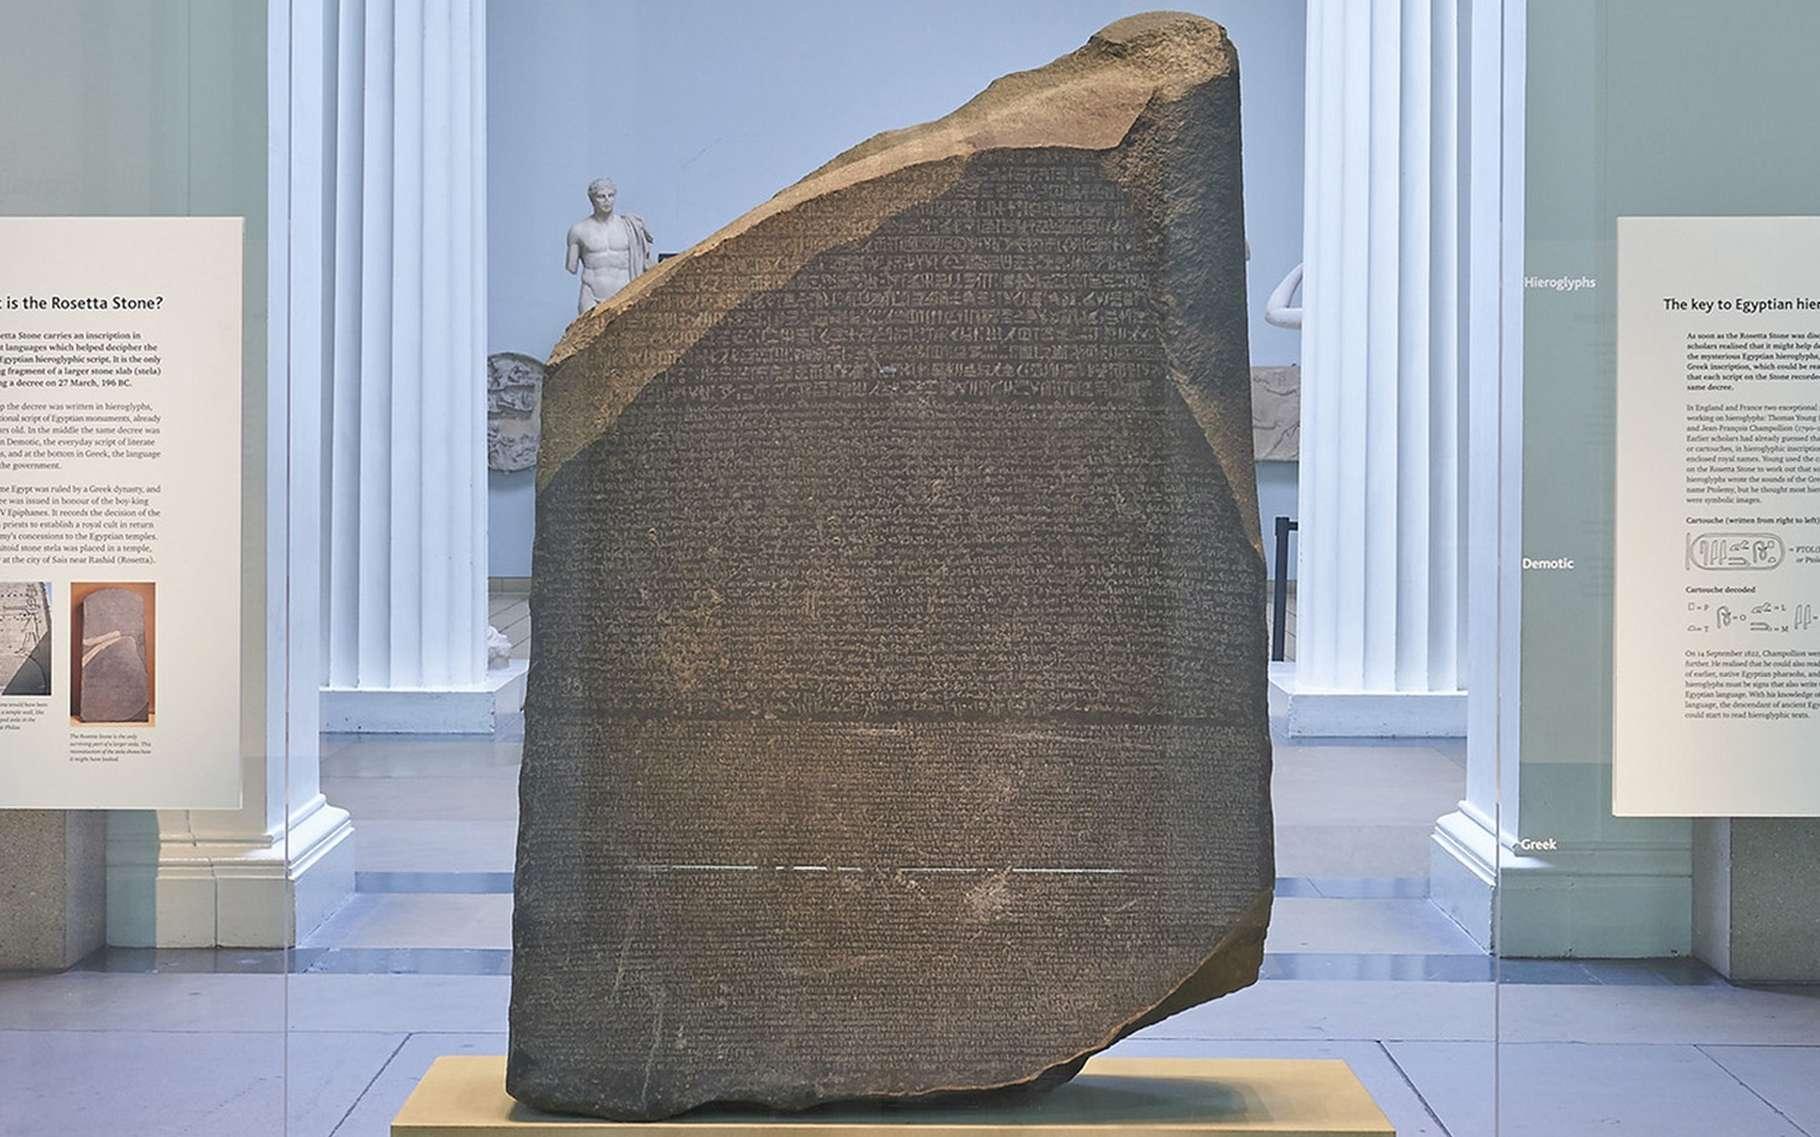 La pierre de rosette a été numérisée en 3D. © British Museum